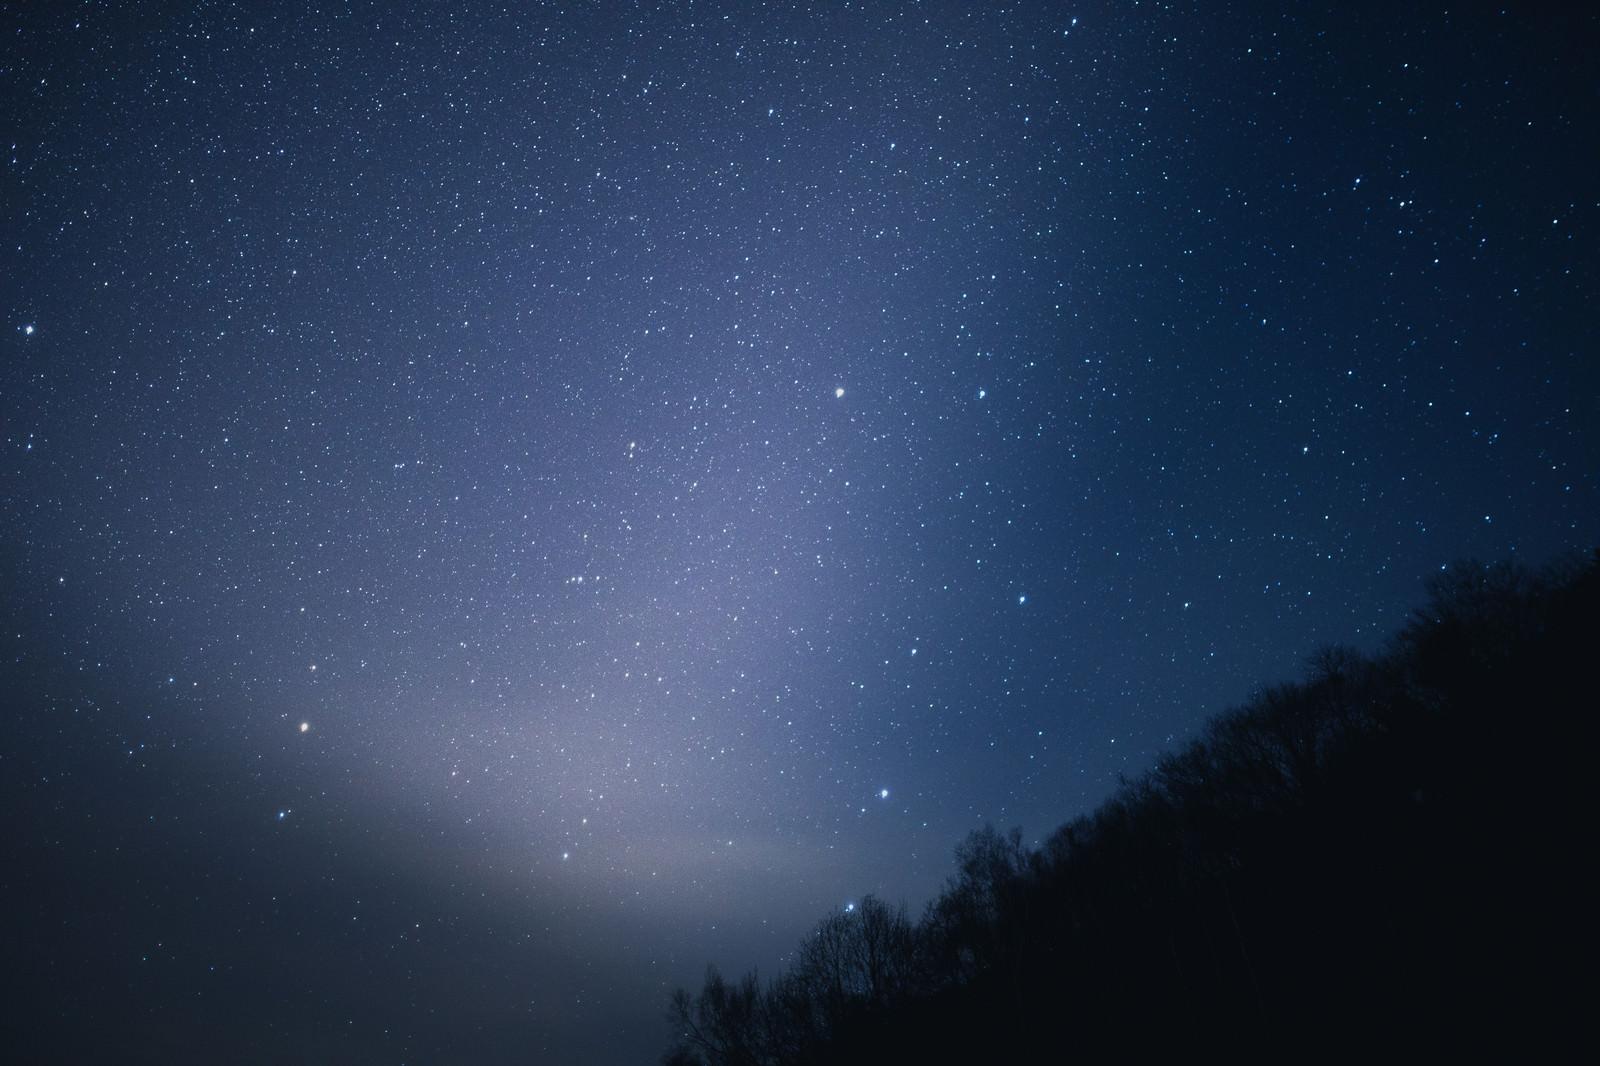 「星がキレイな北アルプスの夜空星がキレイな北アルプスの夜空」のフリー写真素材を拡大